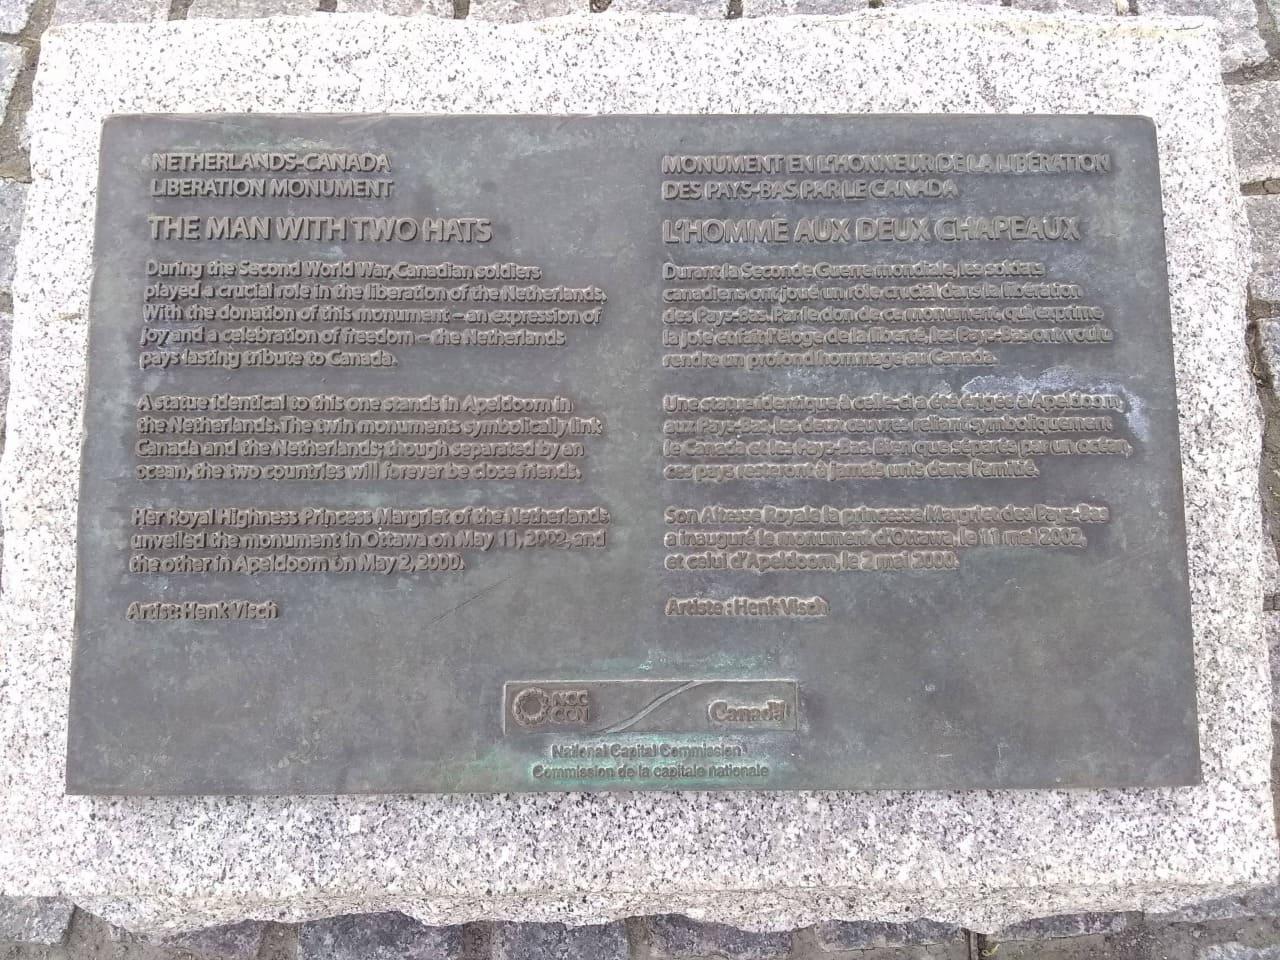 オランダ公国とカナダの友好の歴史